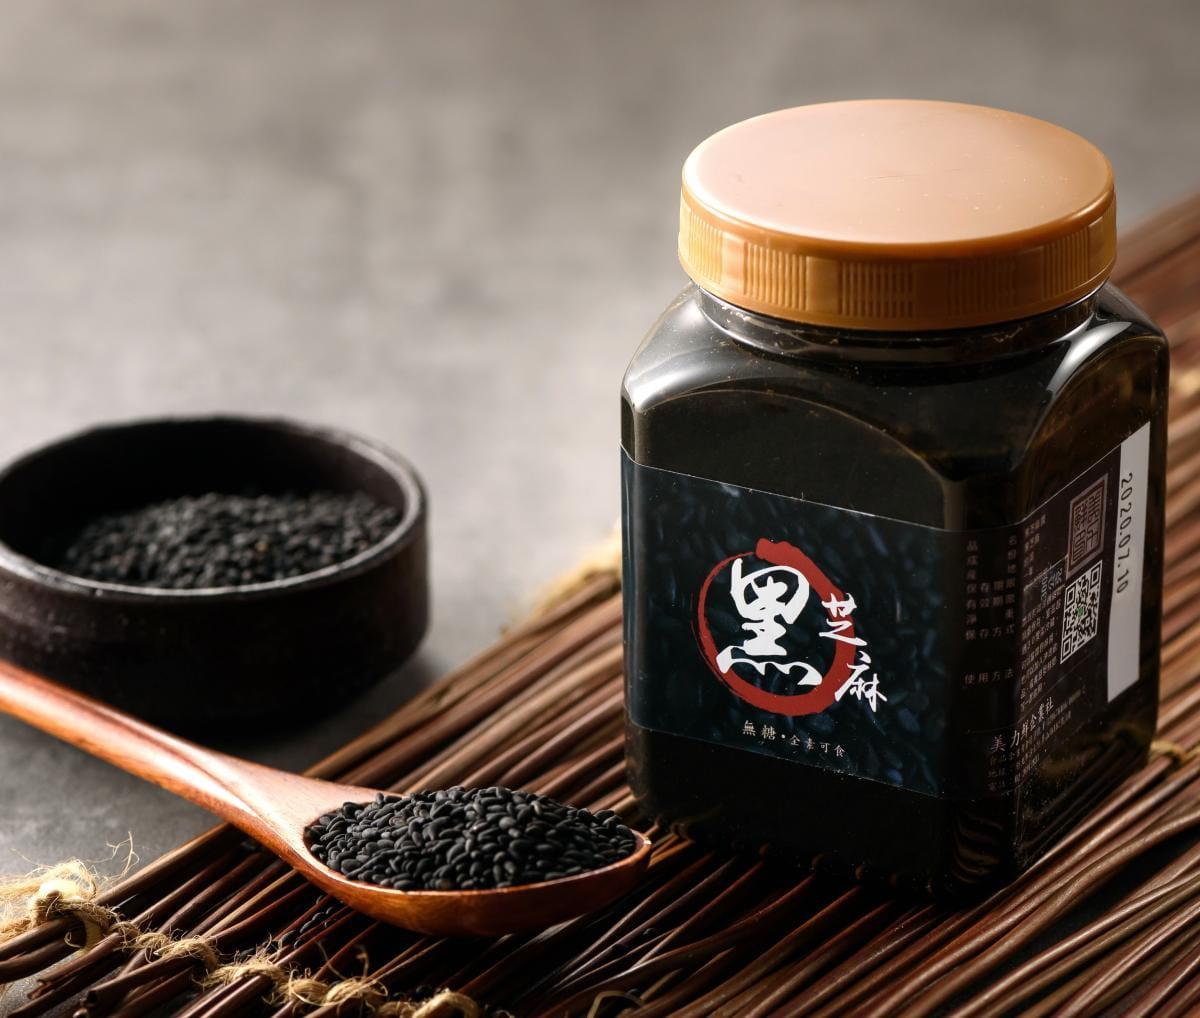 【當日現磨】 生酮無糖無添加純濃花生醬/芝麻醬 10